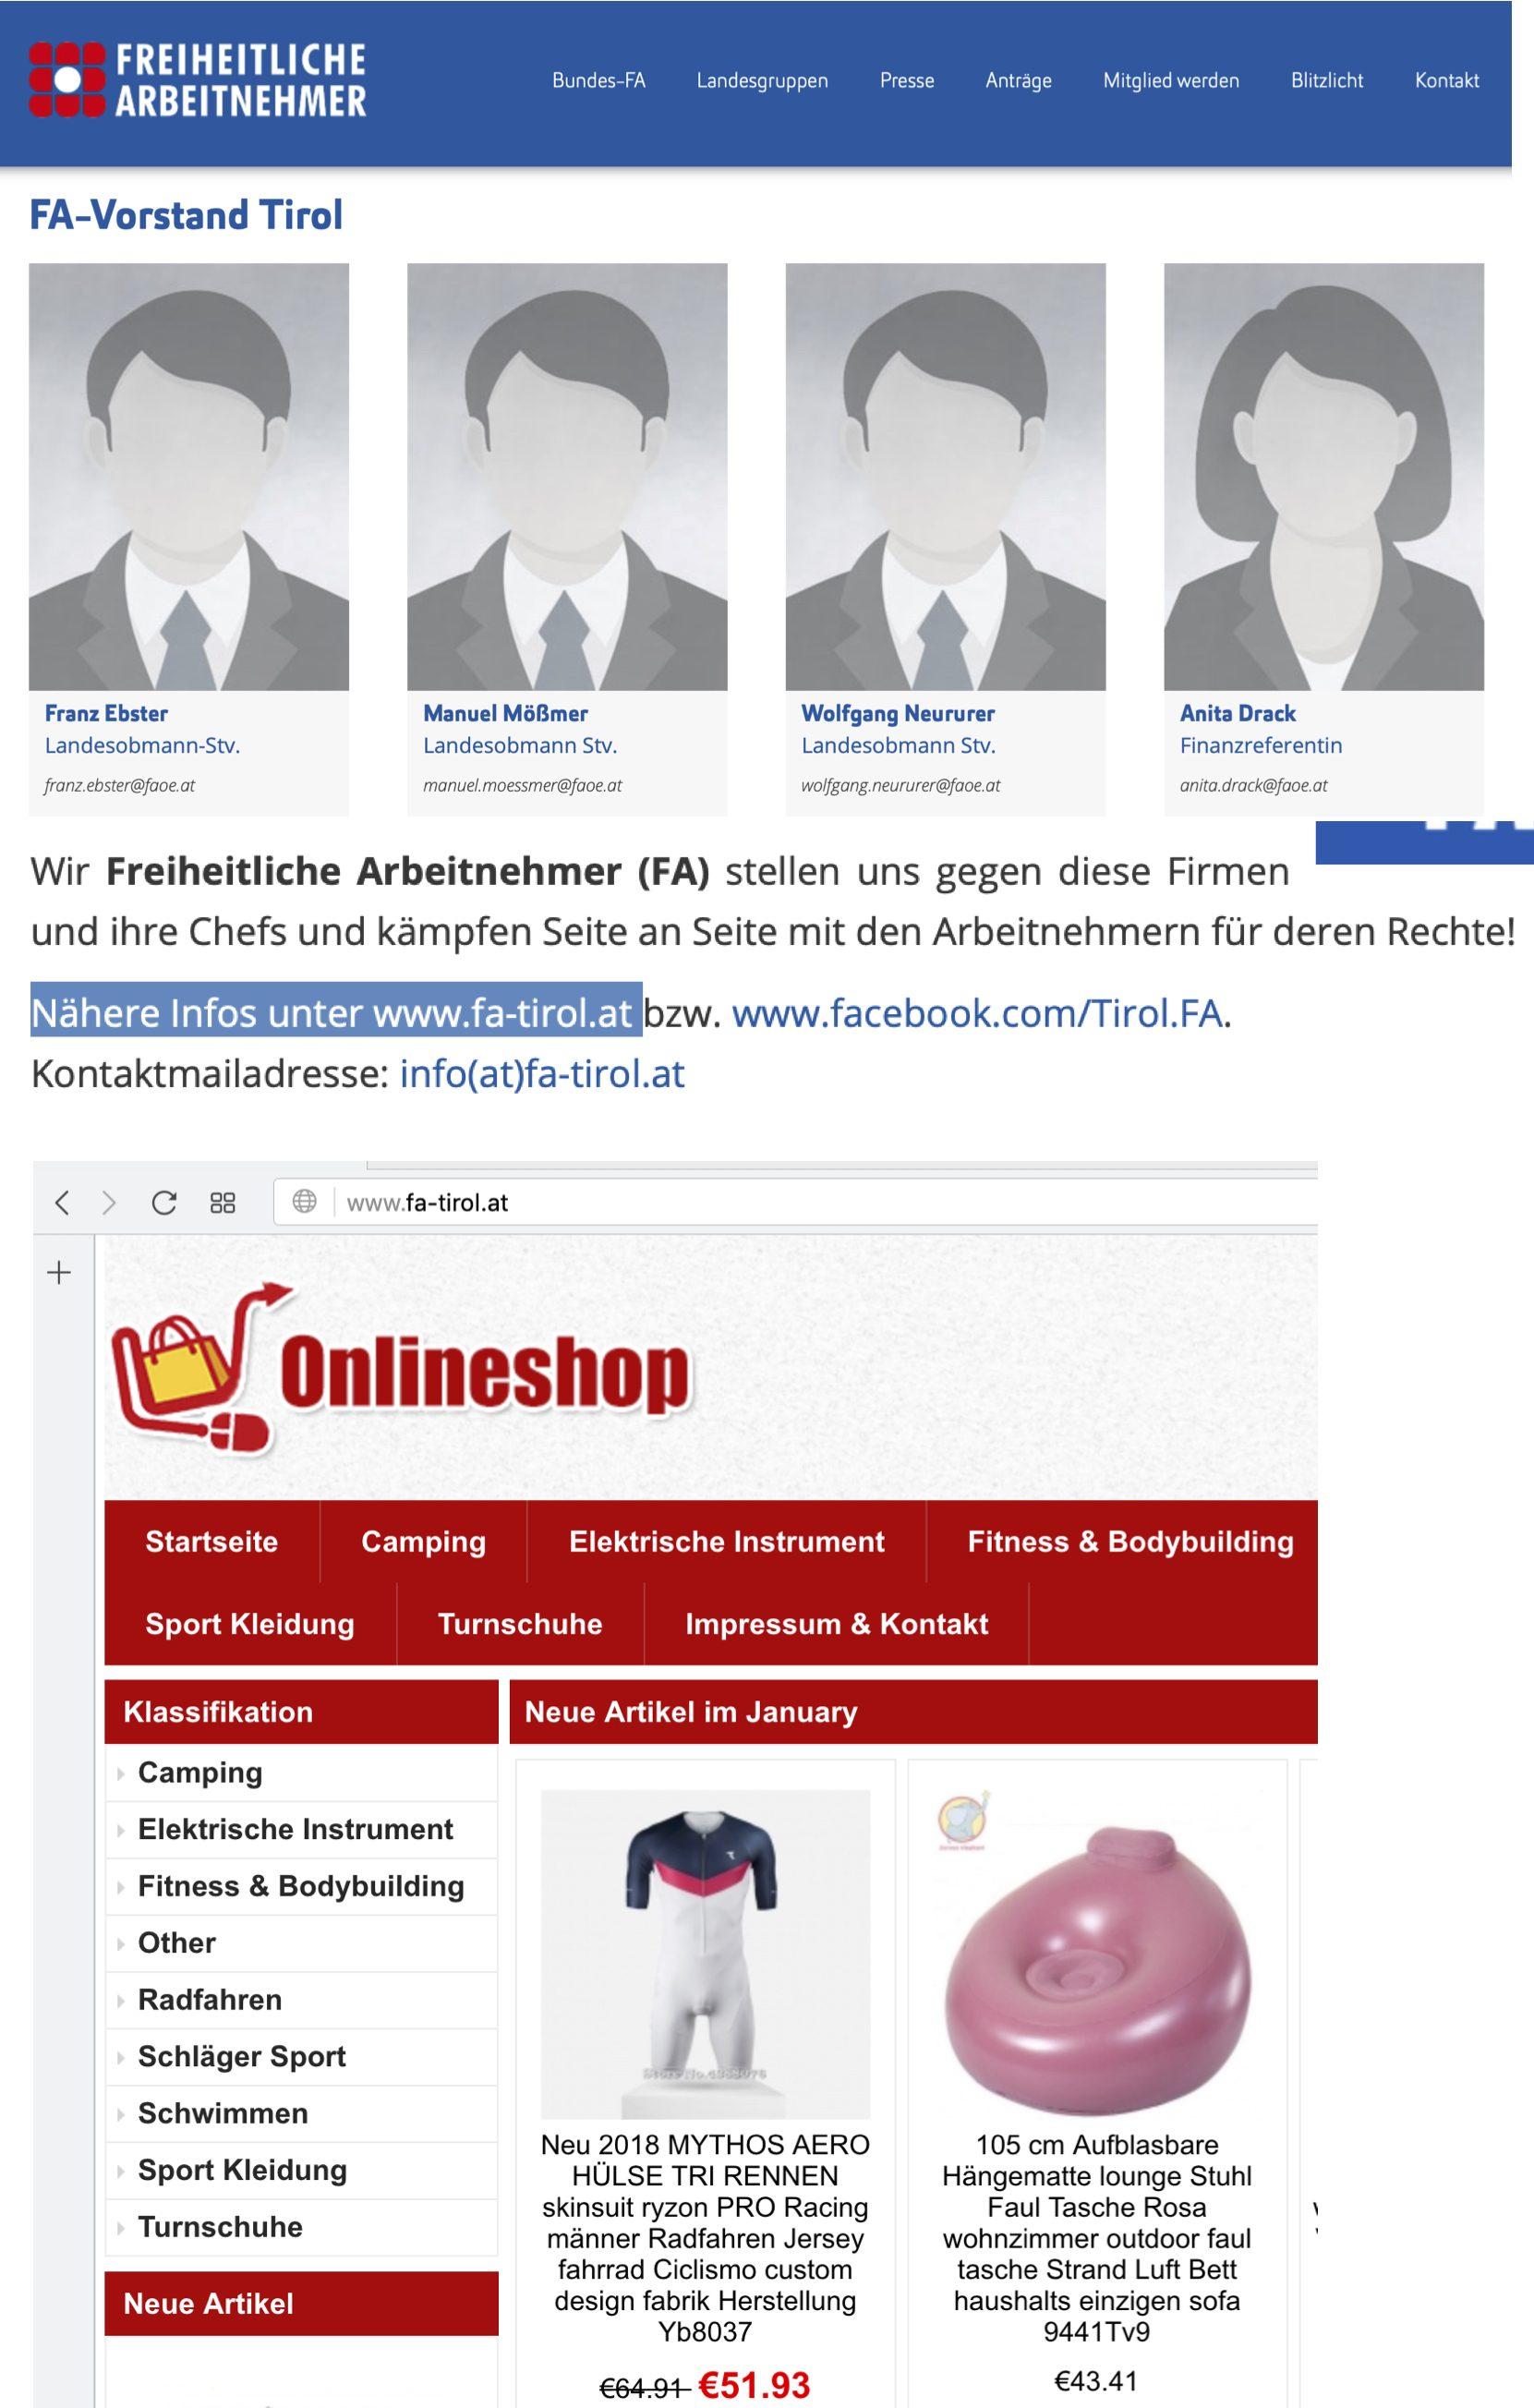 FA-Tirol: Neururer auf der Bundesseite der FA, Onlineshop auf der Landsseite (Stand 2.1.19)